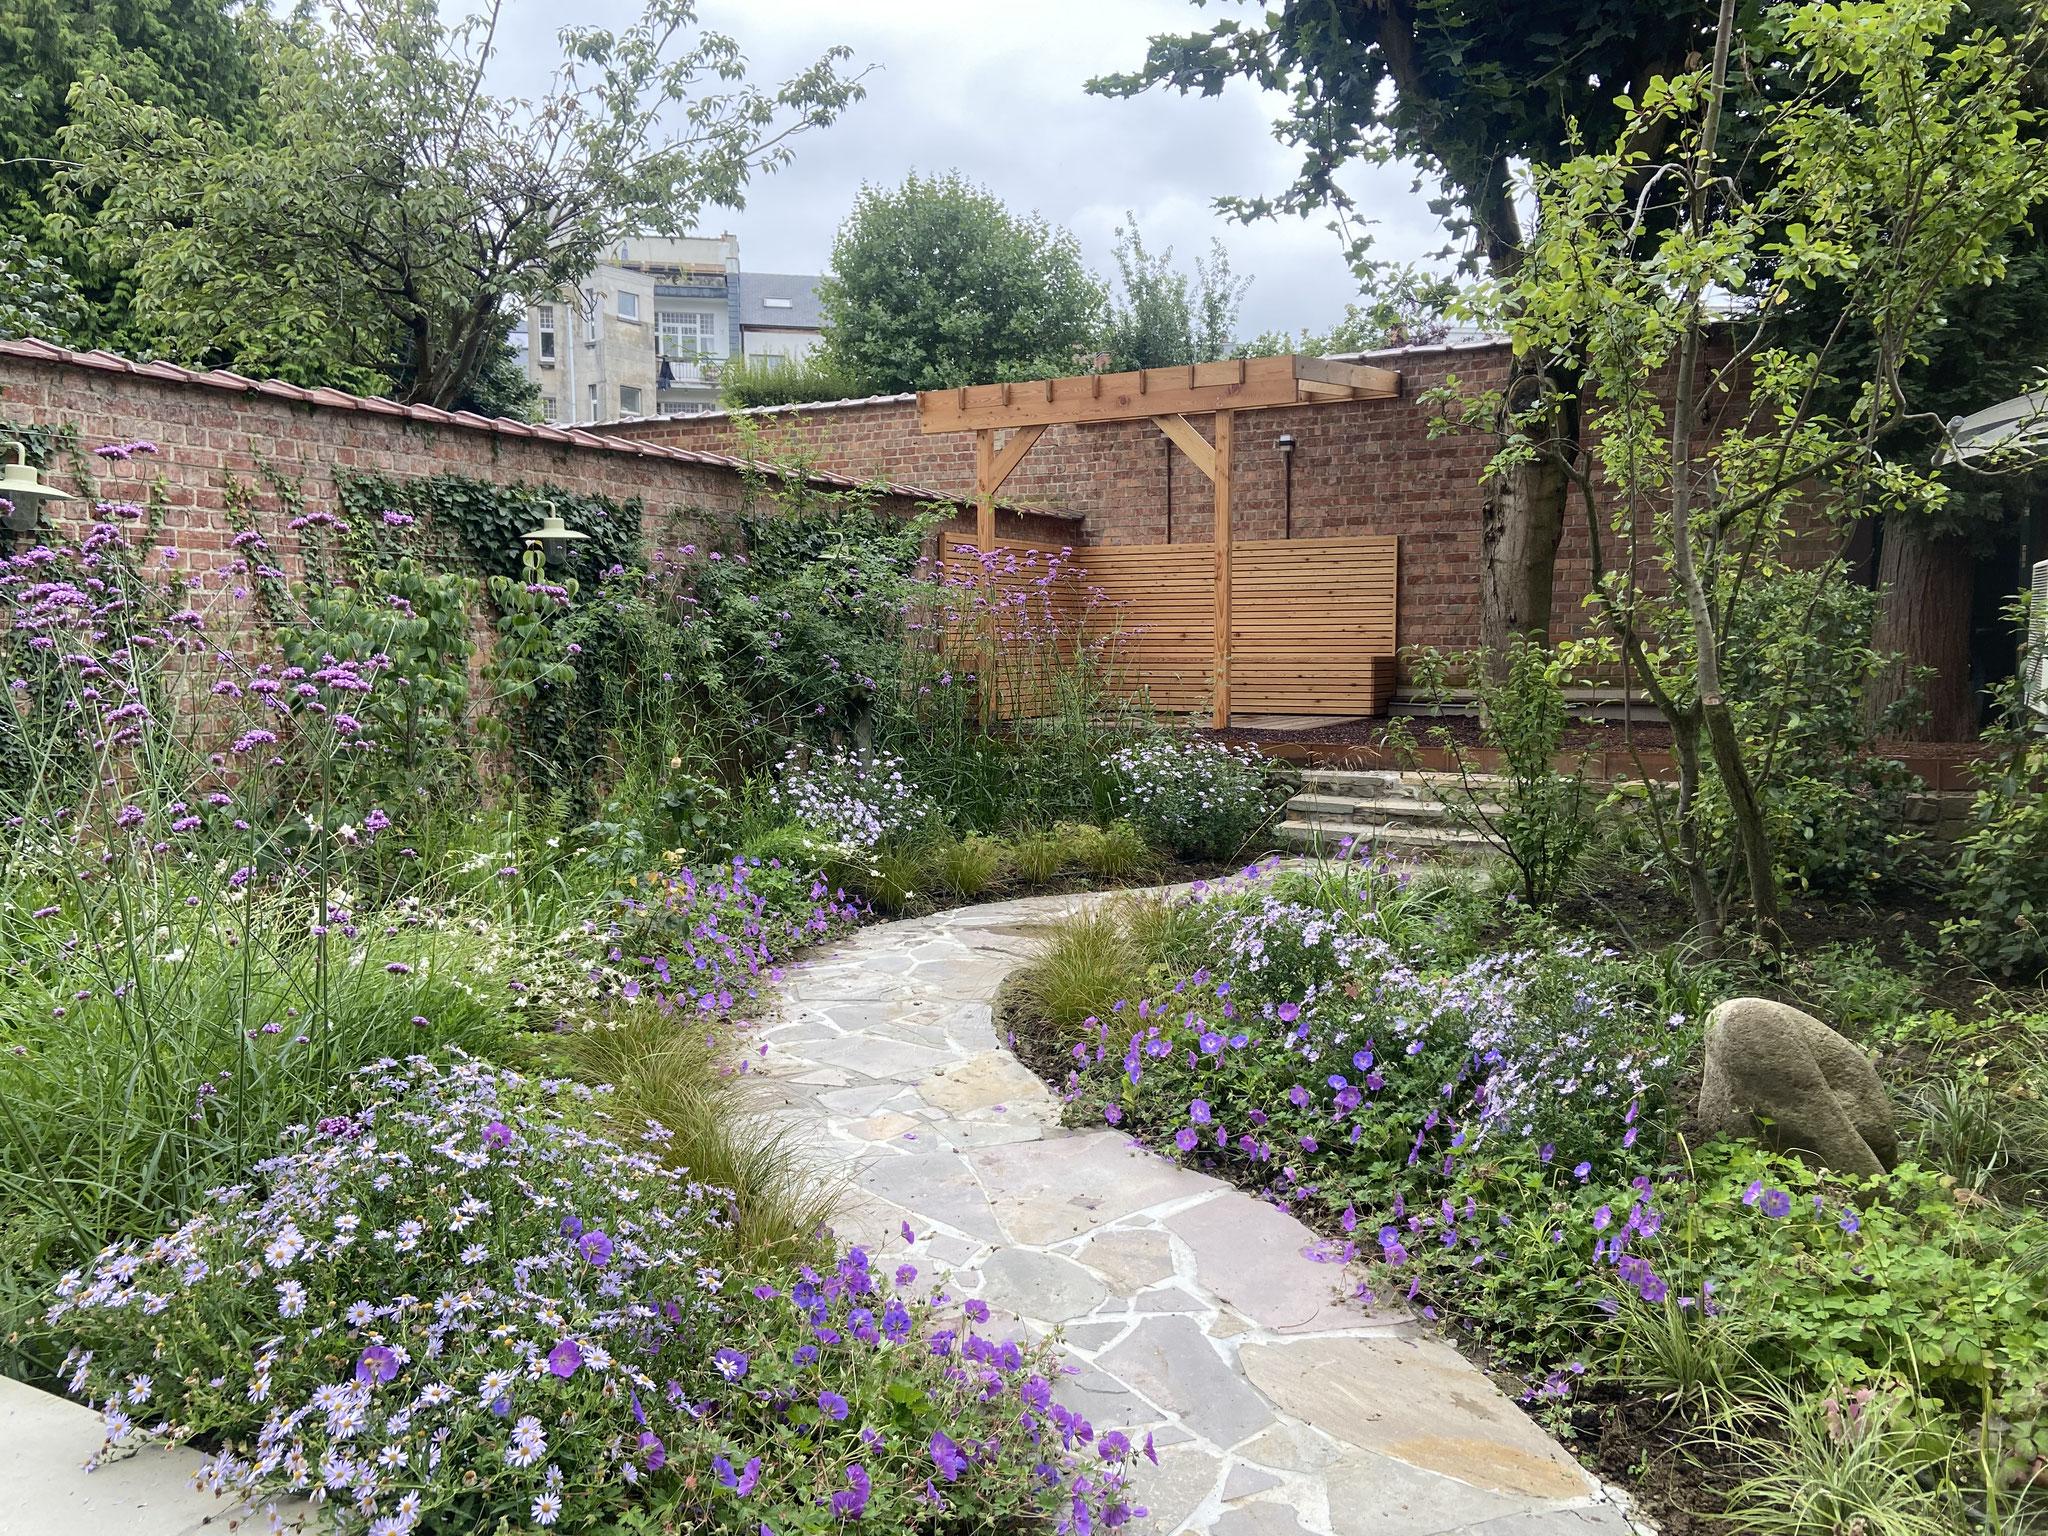 Jardin de ville 50m2 - Jardin naturaliste - Chemin en cassons de grès menant au garage et à la terrasse arrière. Aménagement Jardin Bruxelles